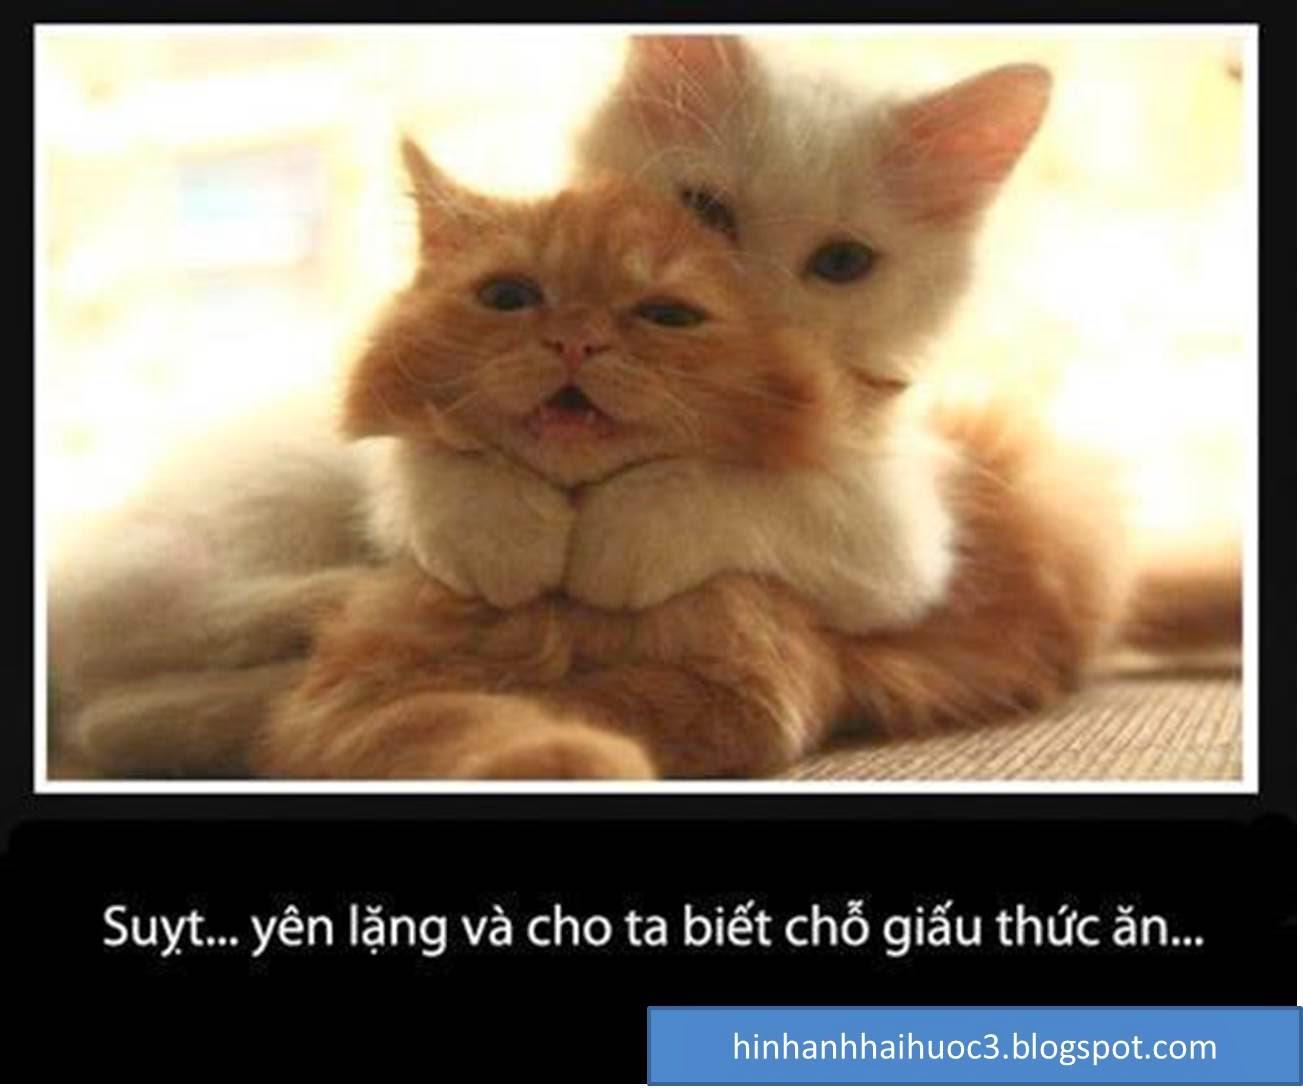 Hình ảnh chế vui về mèo